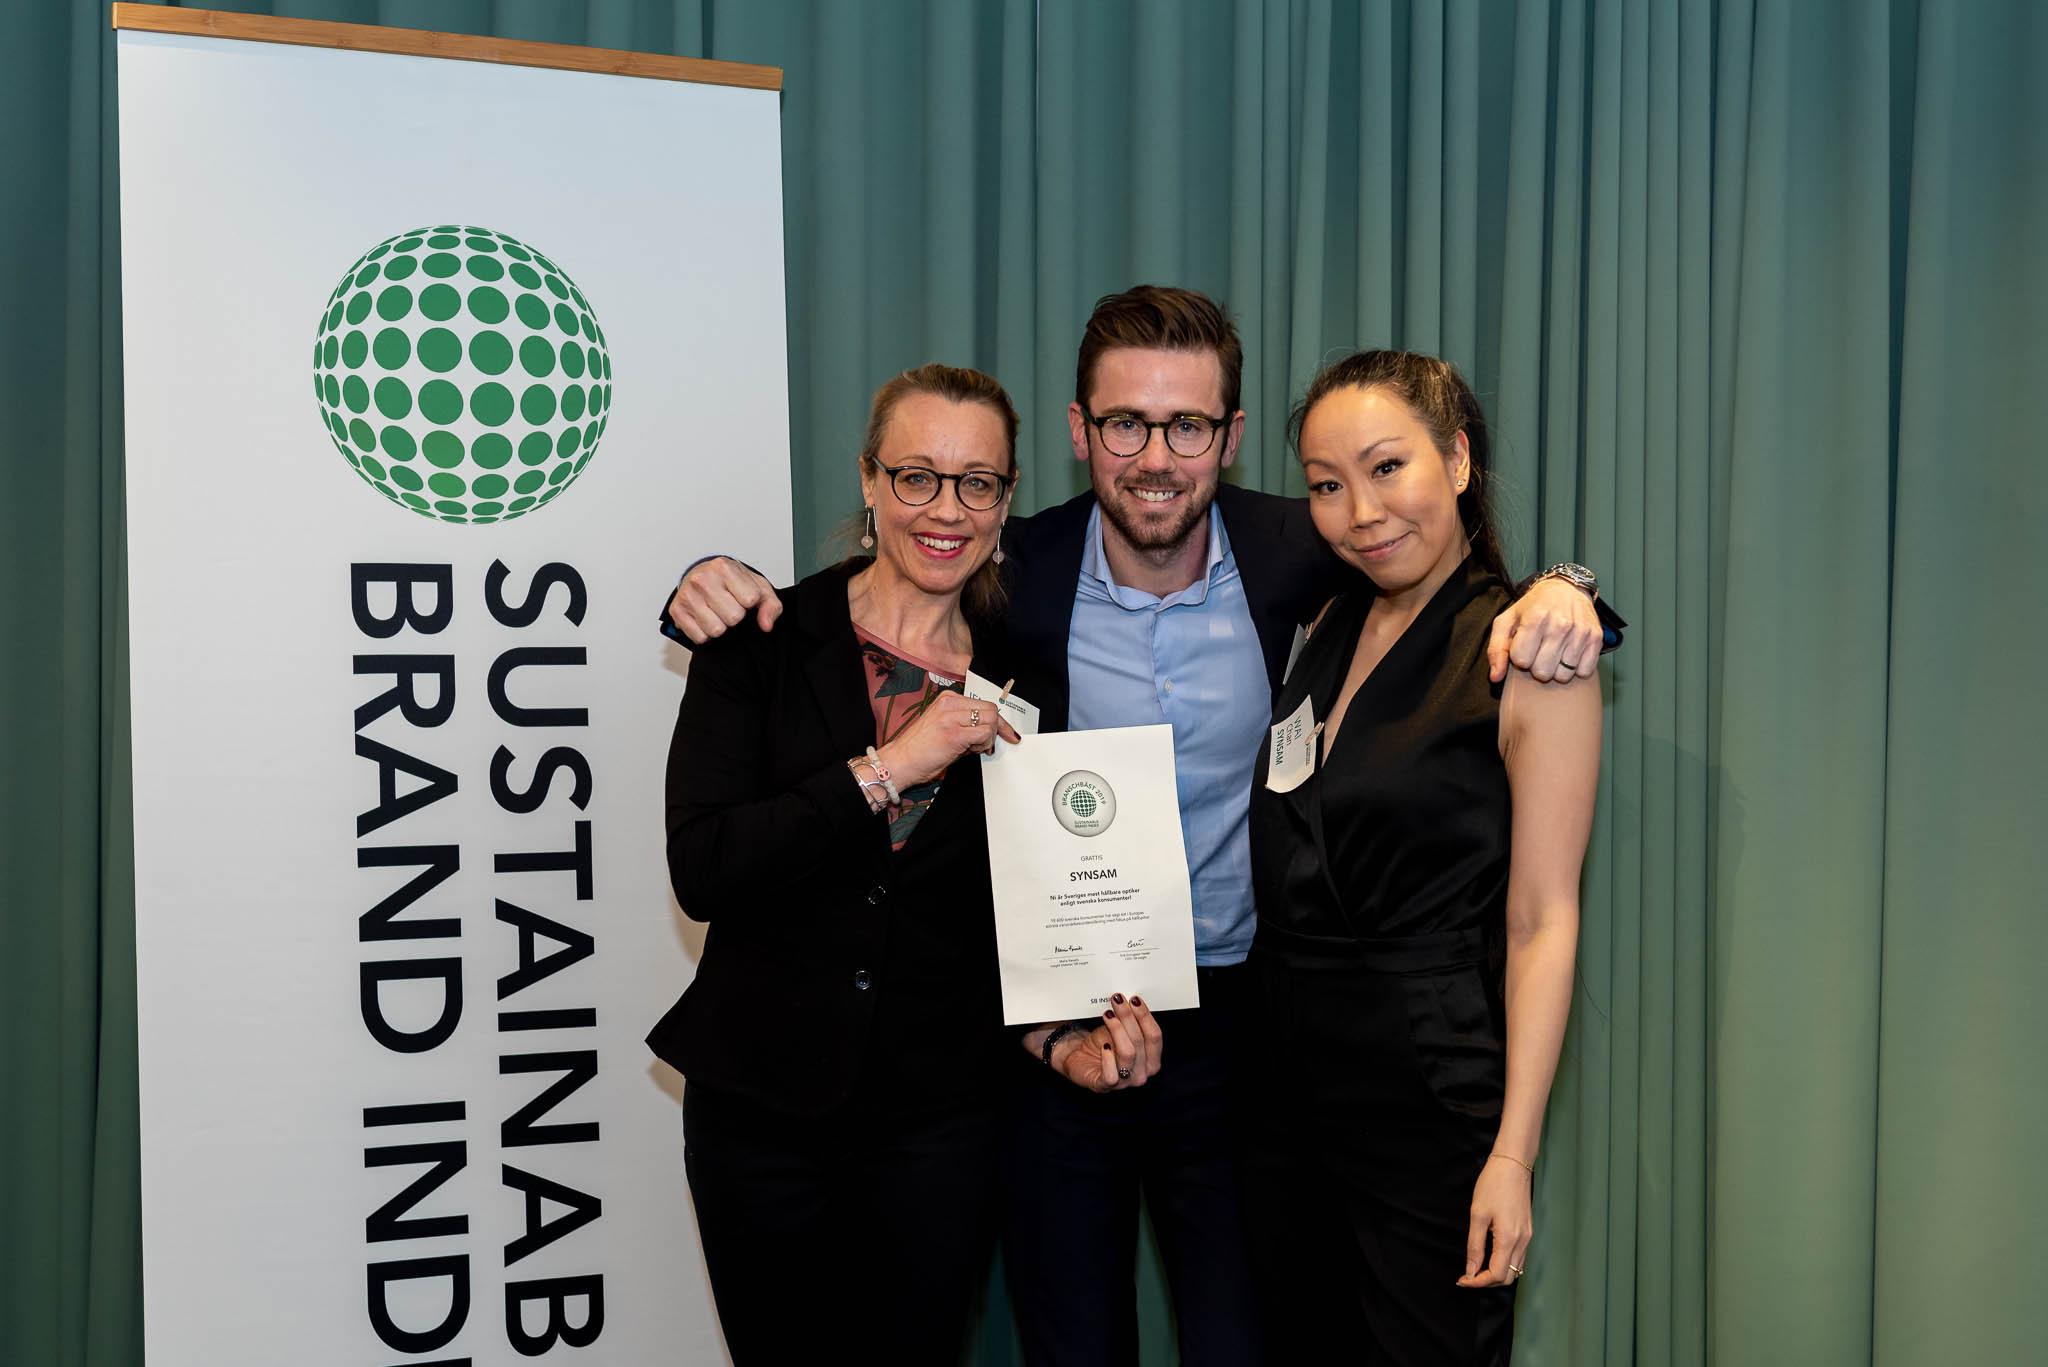 Synsam är Sveriges mest hållbara optiker enligt svenska